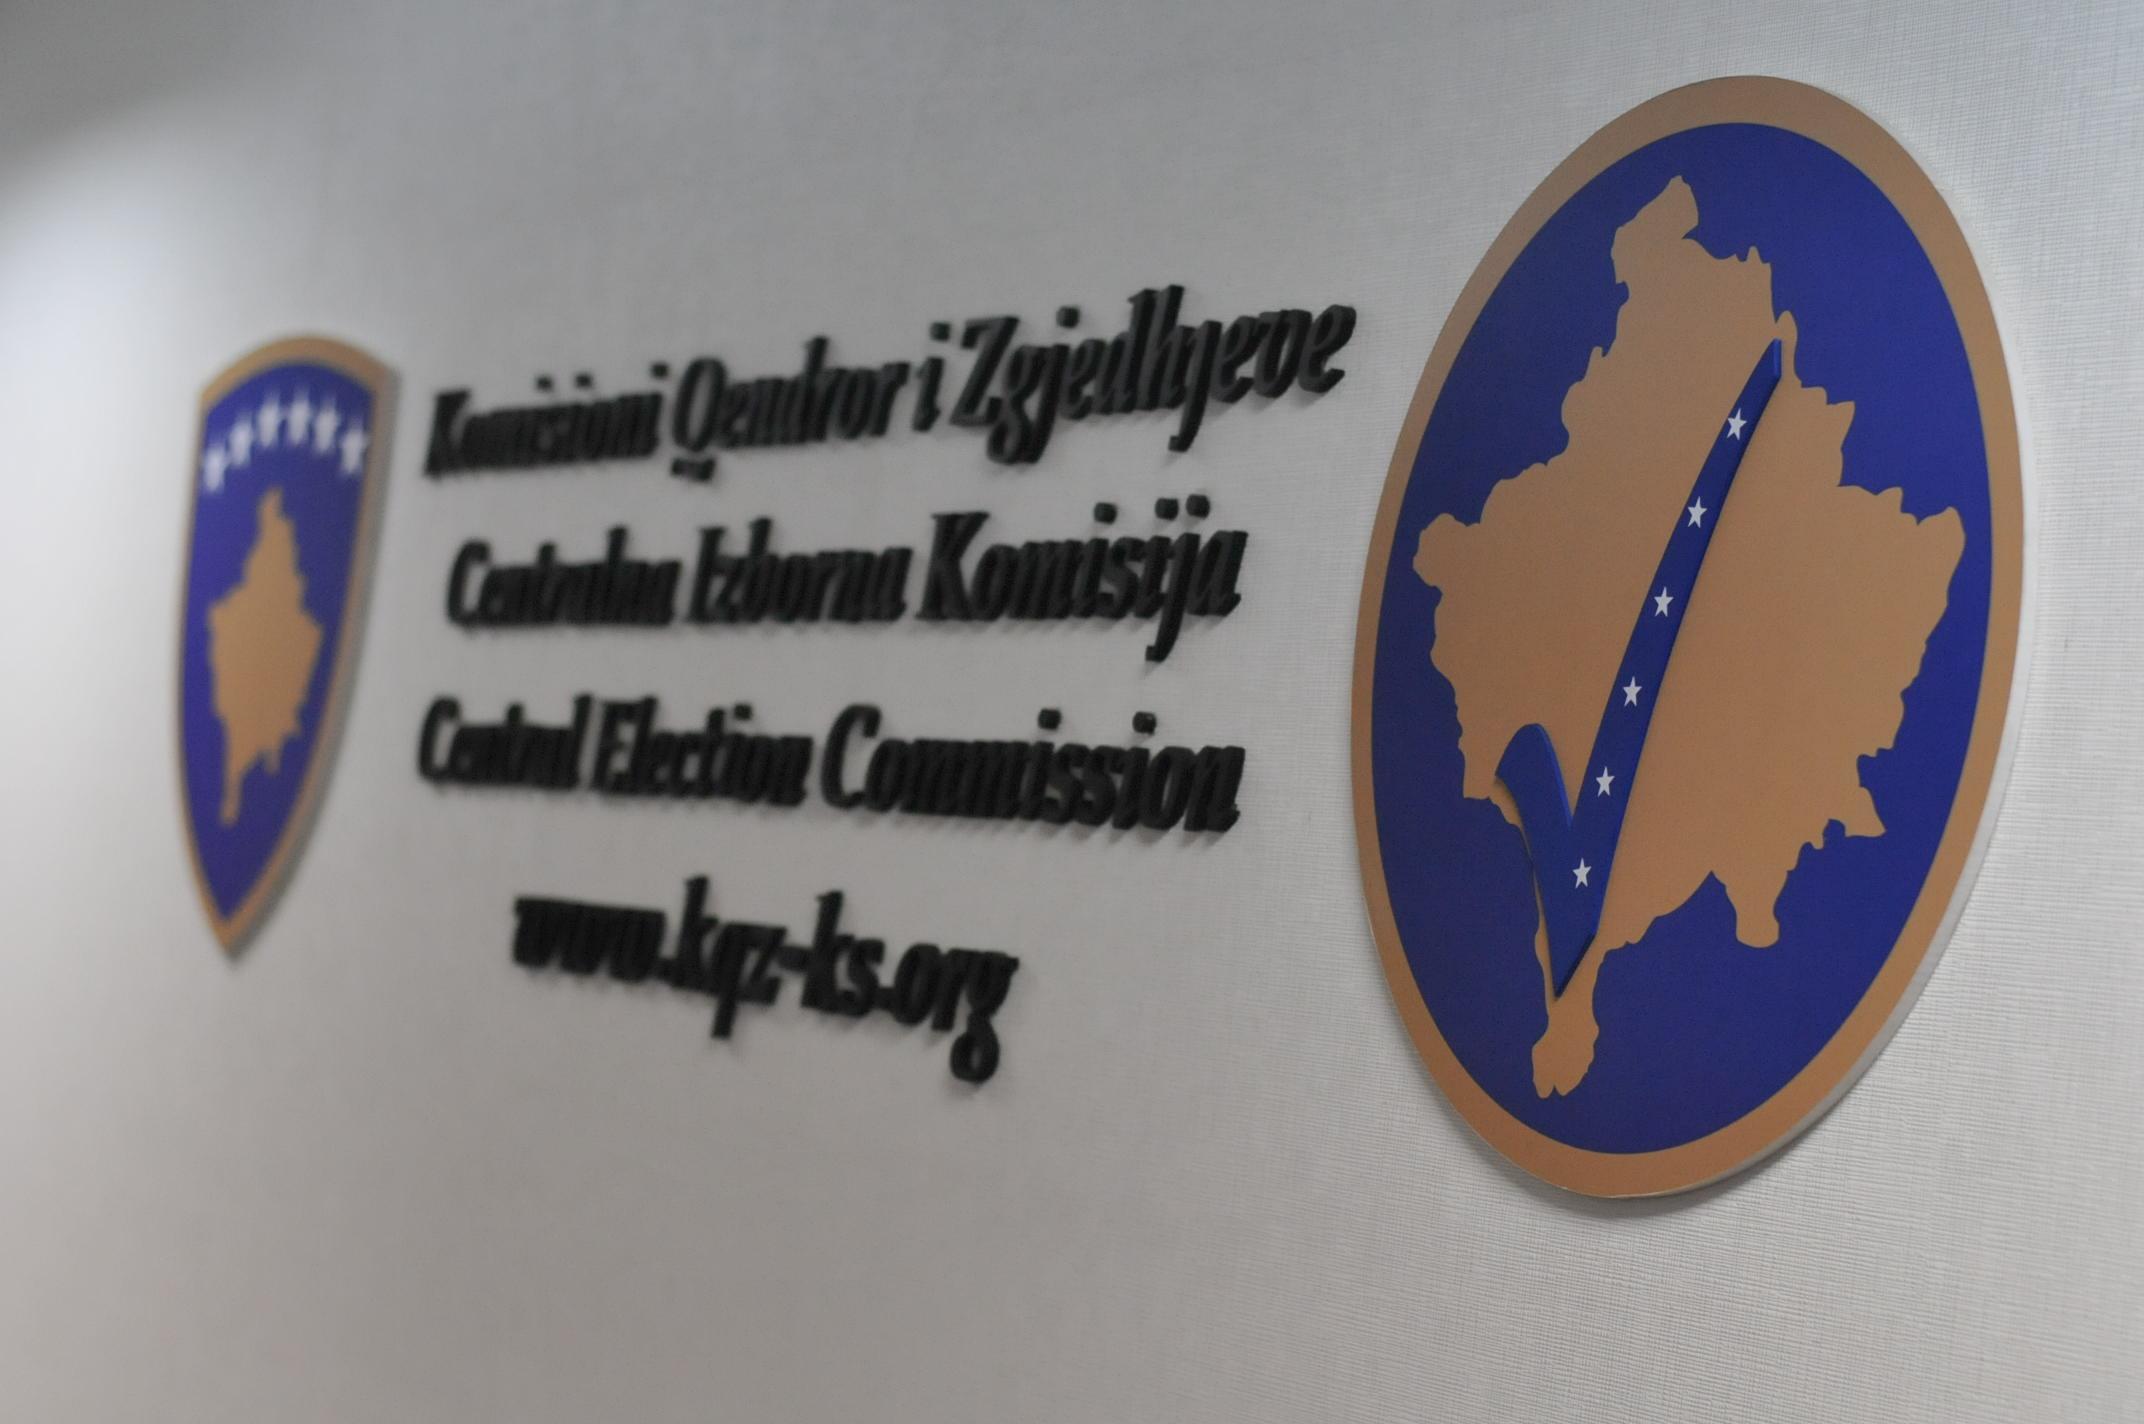 Zgjedhjet e parakohshme, sot përfundon afati për deklarimin e koalicioneve parazgjedhore